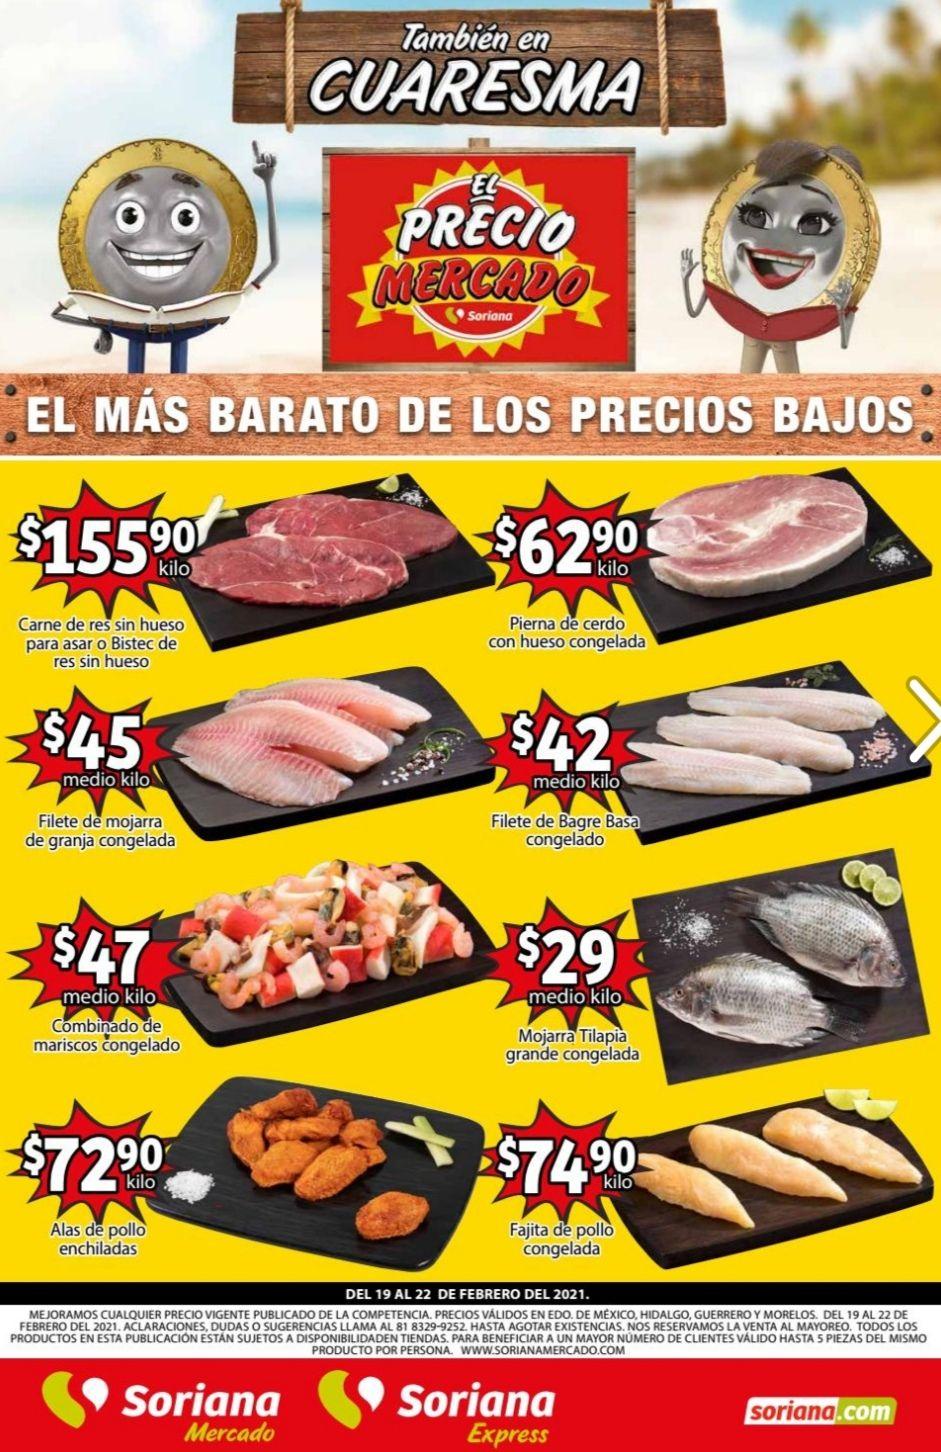 Soriana Mercado y Express: Volante de Ofertas Fin de Semana del Viernes 19 al Lunes 22 de Febrero